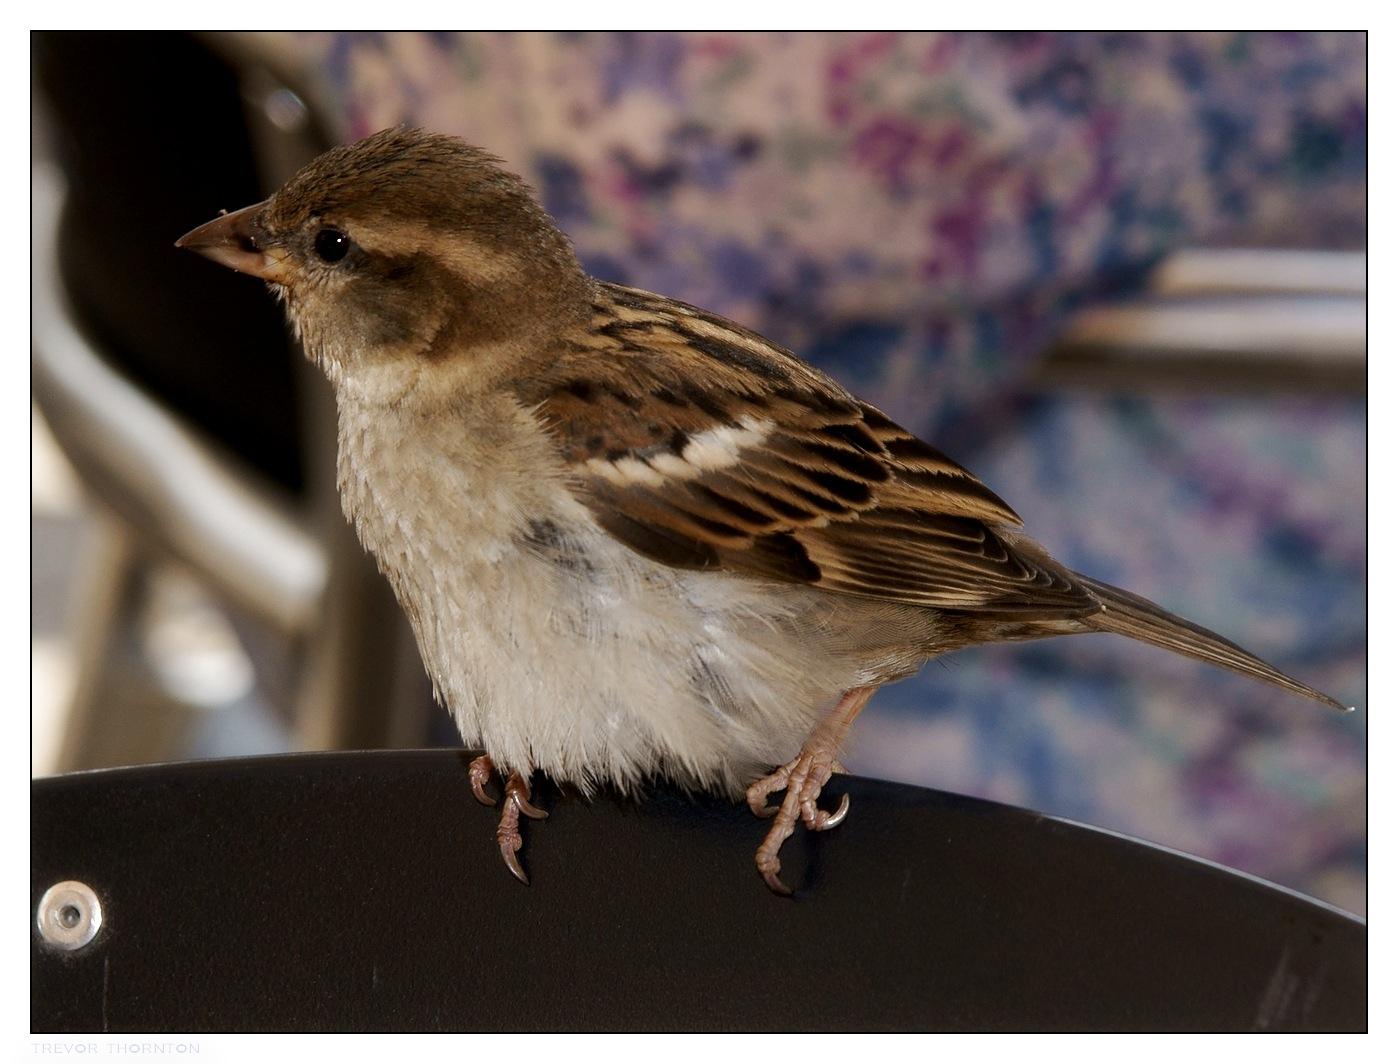 Venice sparrow by tpthornton